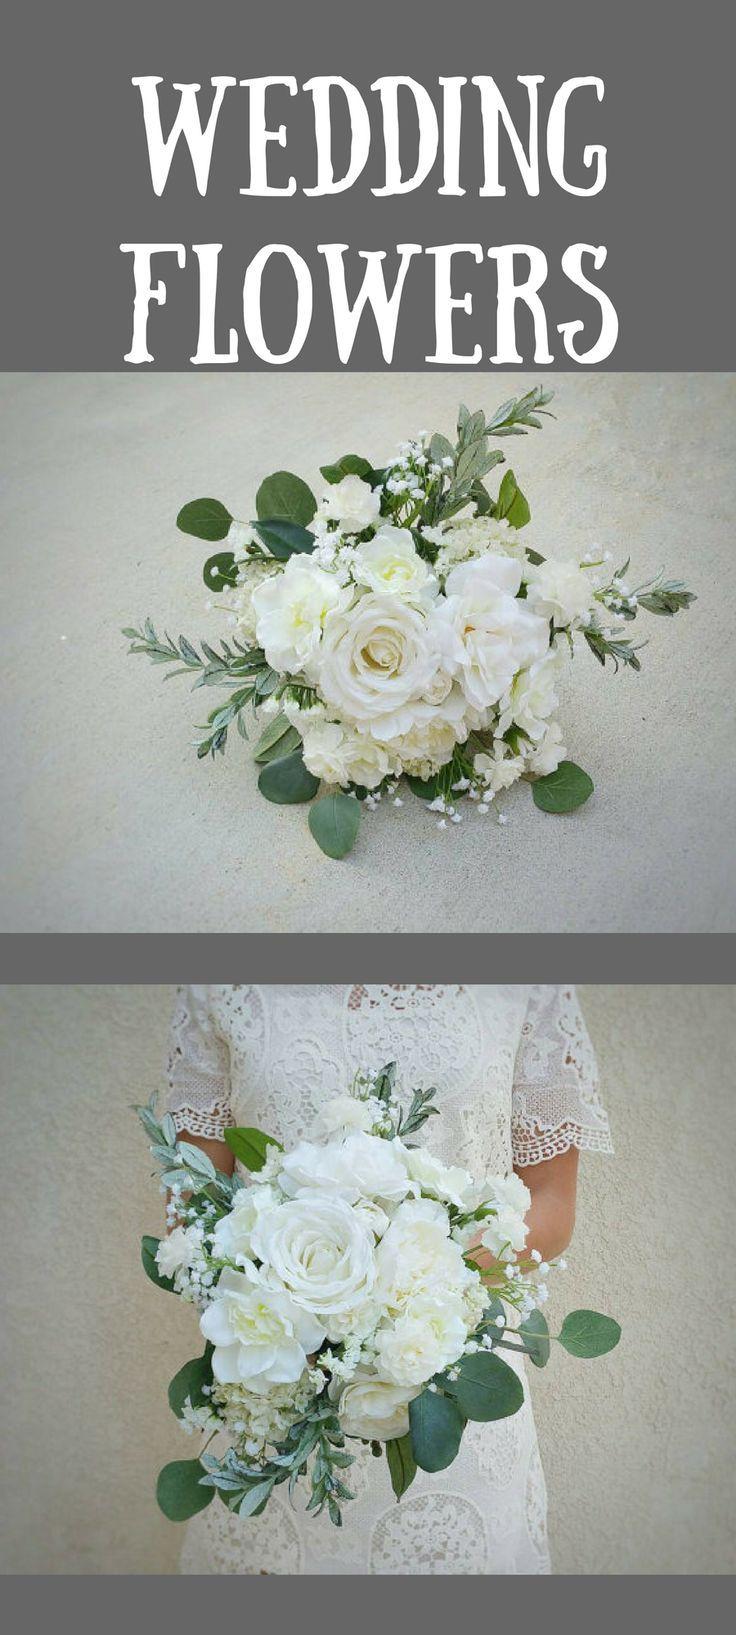 Wedding bouquet silk flower bouquet wedding flowers bridesmaid wedding bouquet silk flower bouquet wedding flowers bridesmaid bouquets bouquet flower izmirmasajfo Gallery